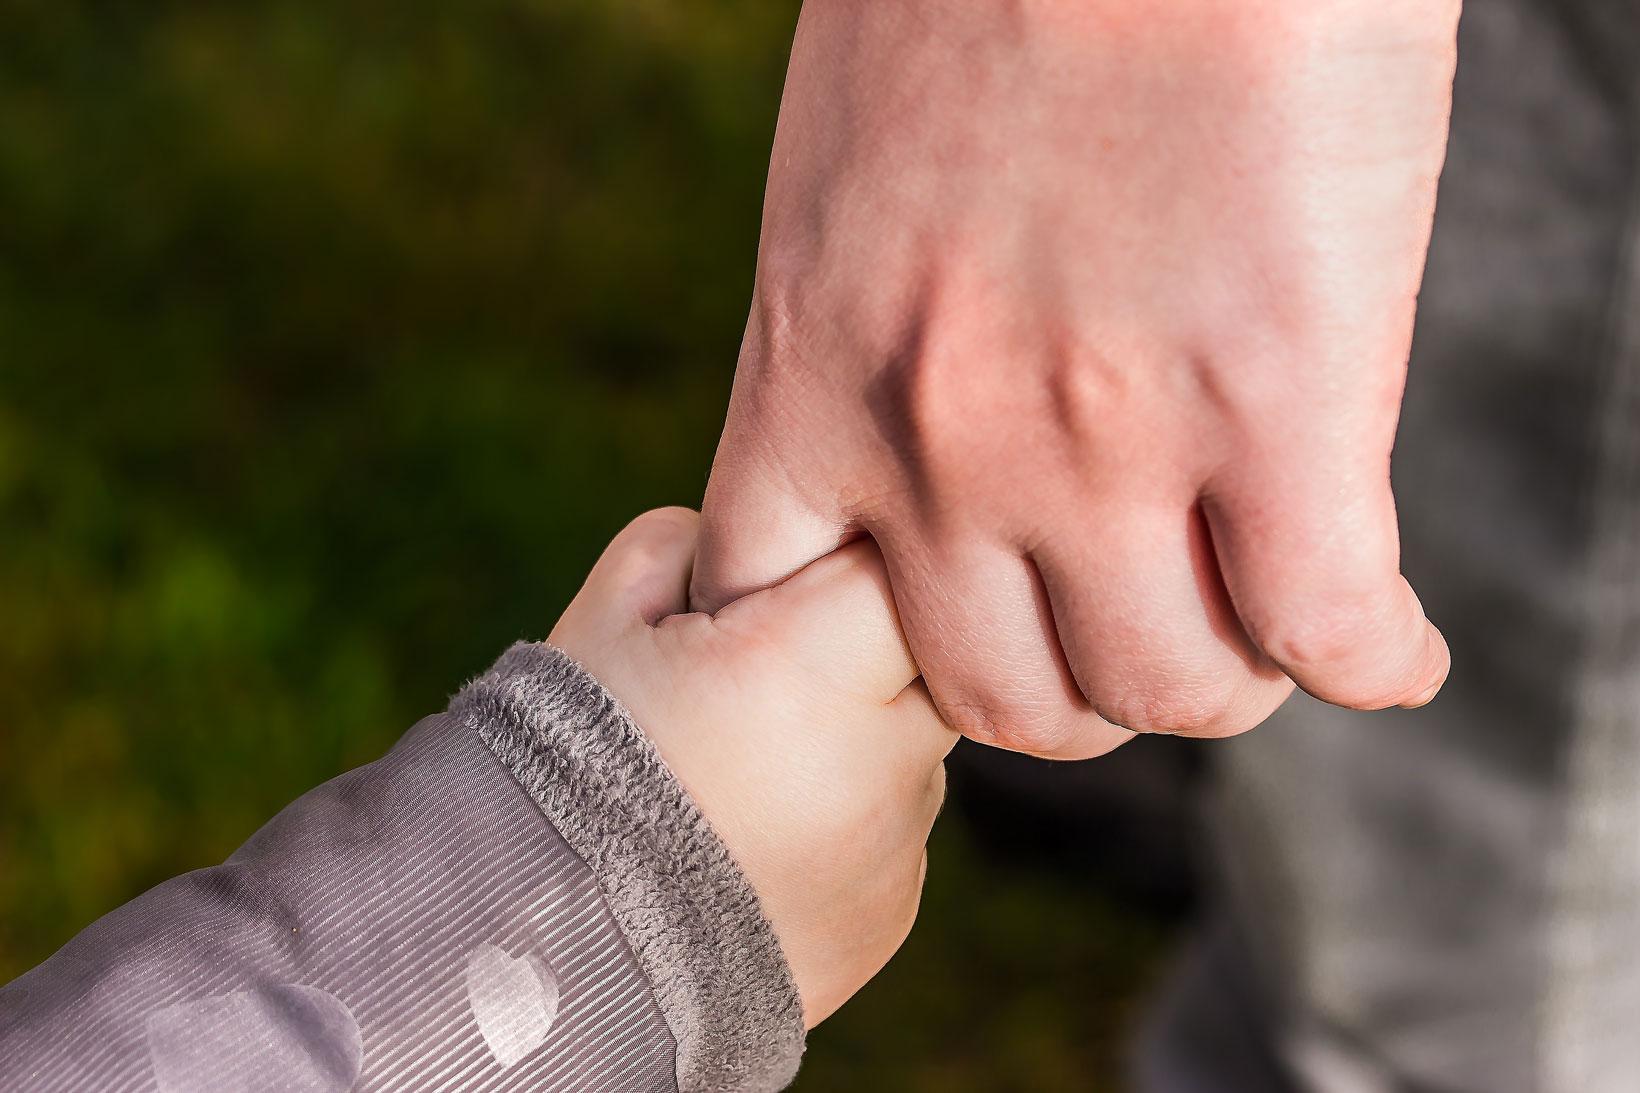 Kinderhand hält sich am Zeigefinger einer Erwachsenenhand fest